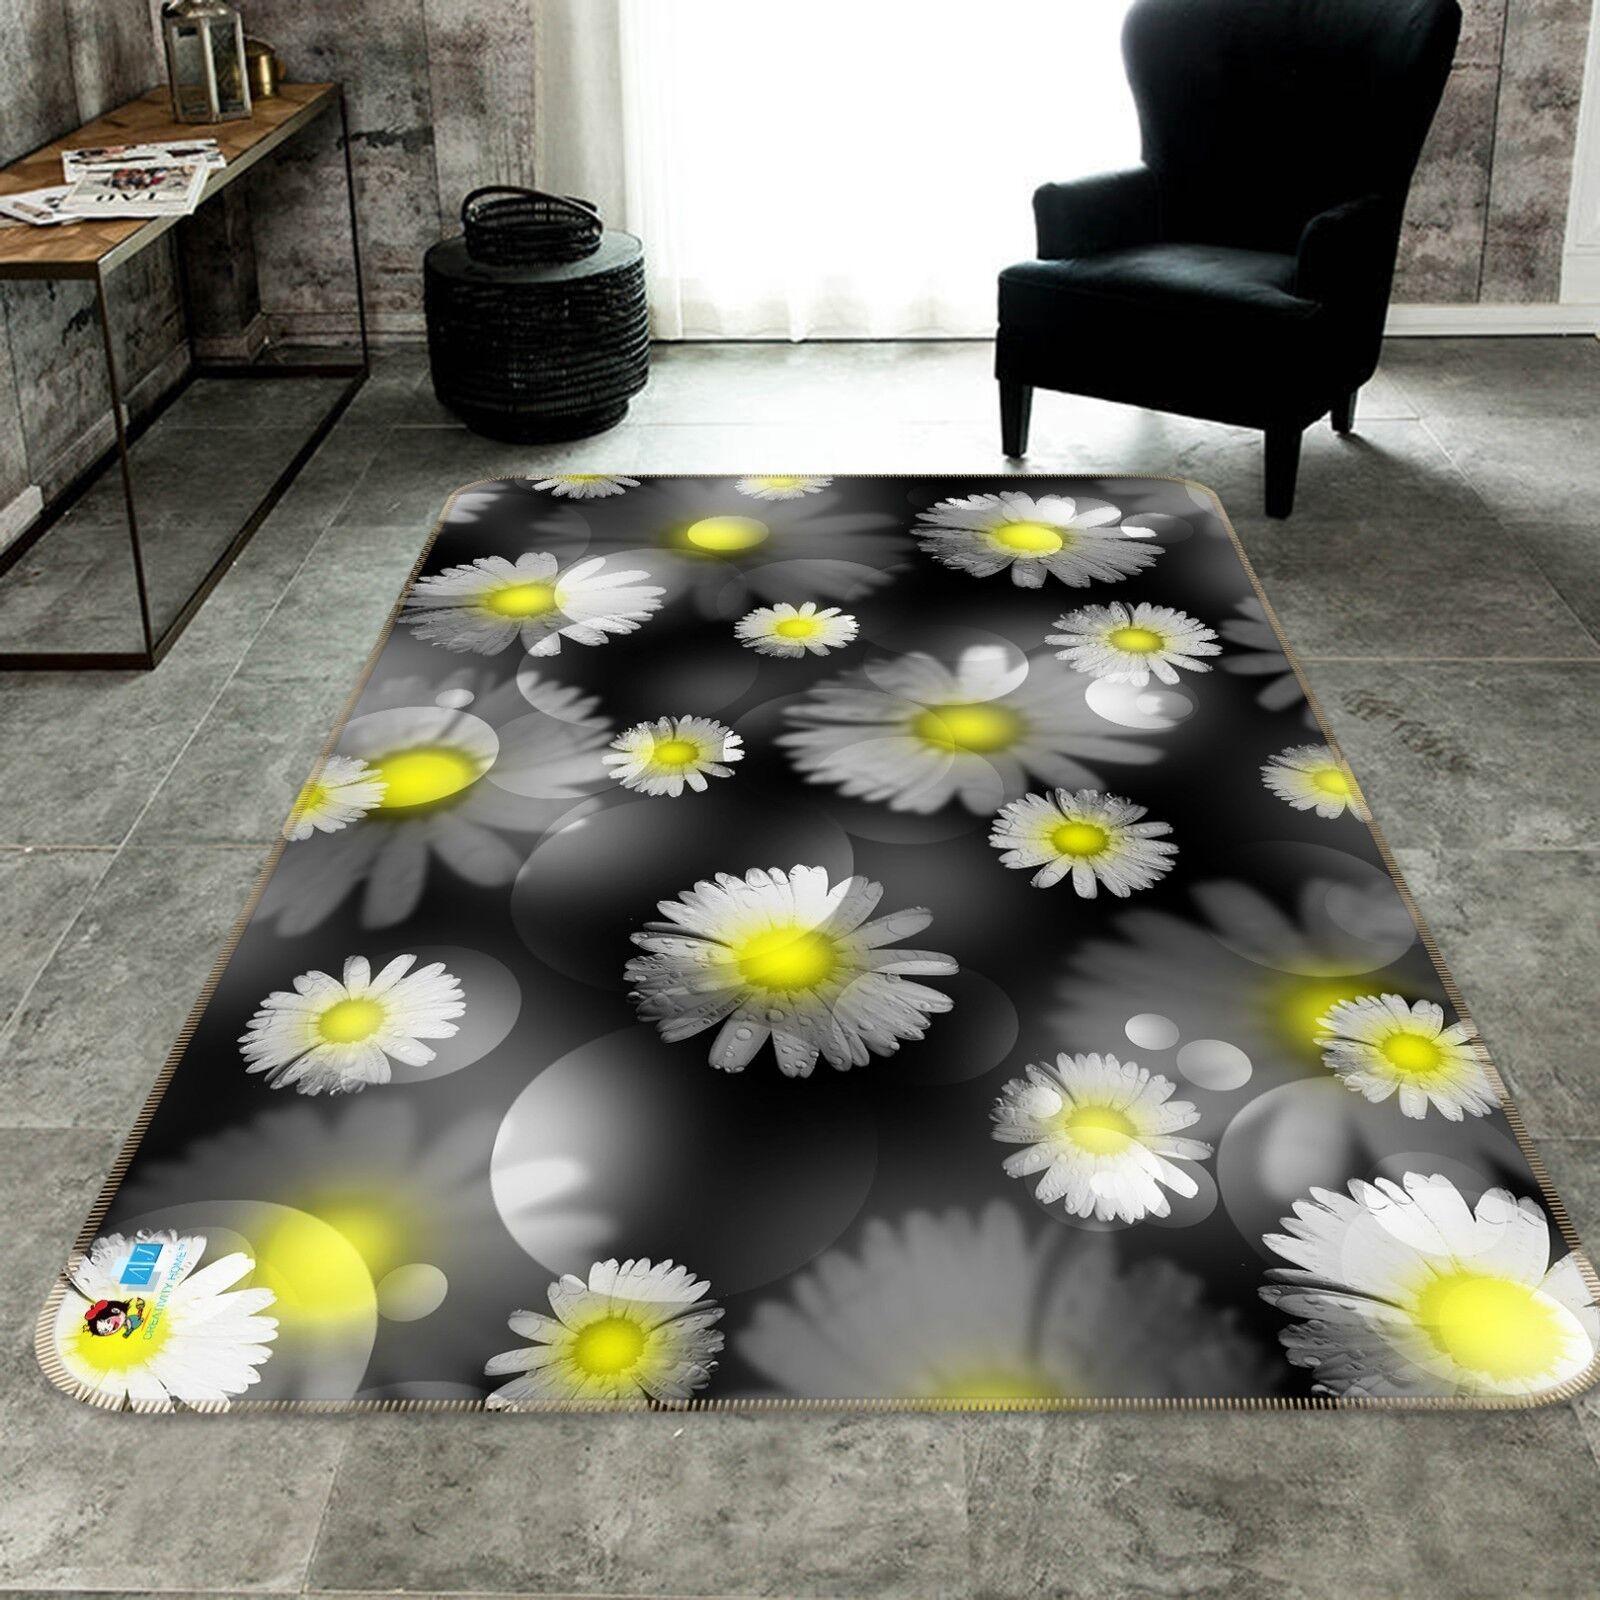 3D Gelbe Blaume 2 Rutschfest Rutschfest Rutschfest Teppich Matte Raum Matte Qualität Elegant Teppich DE fd50e1